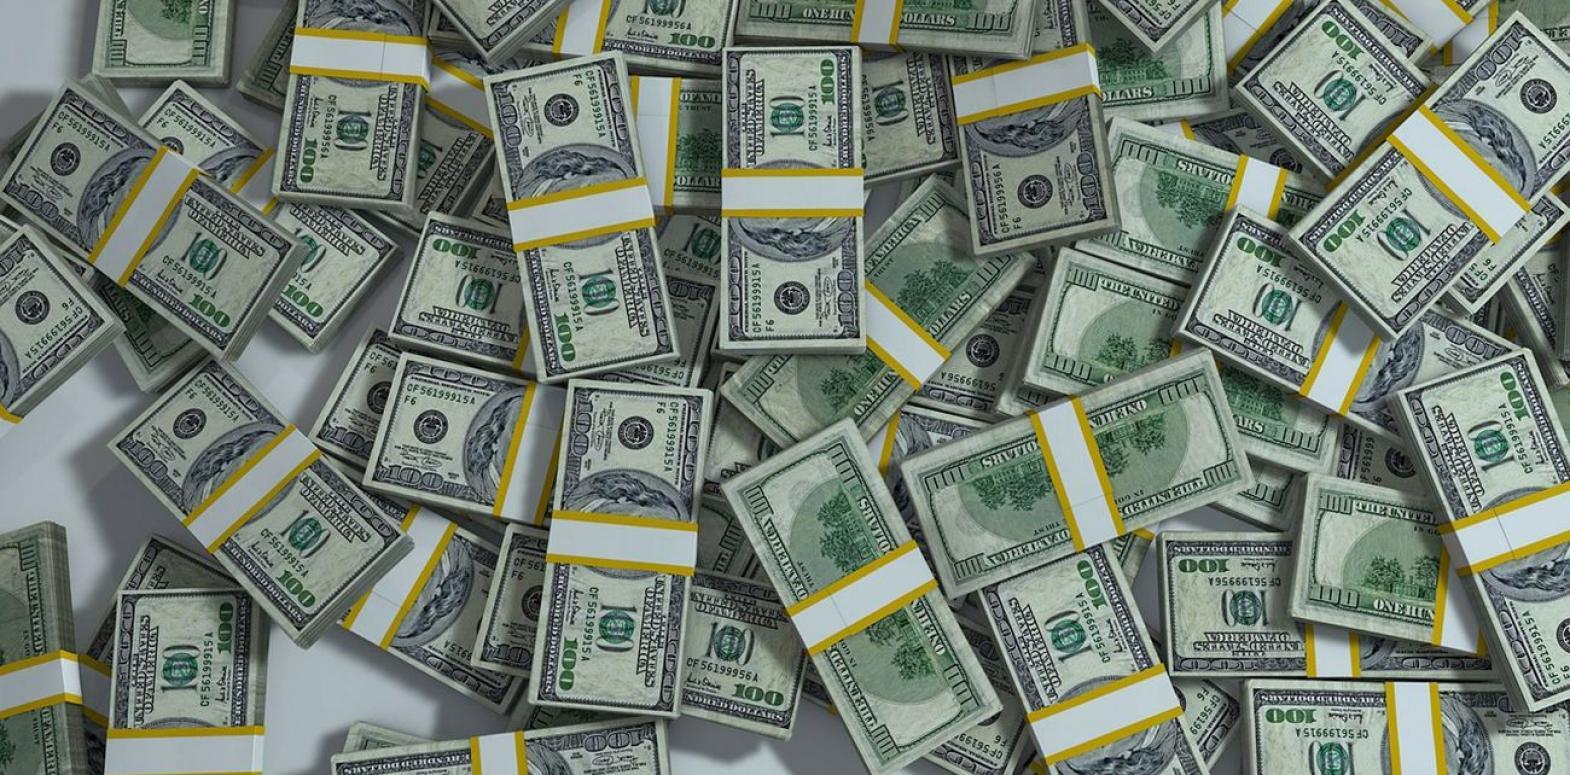 Курс доллара вырос после падения до минимума с мая 2020 года